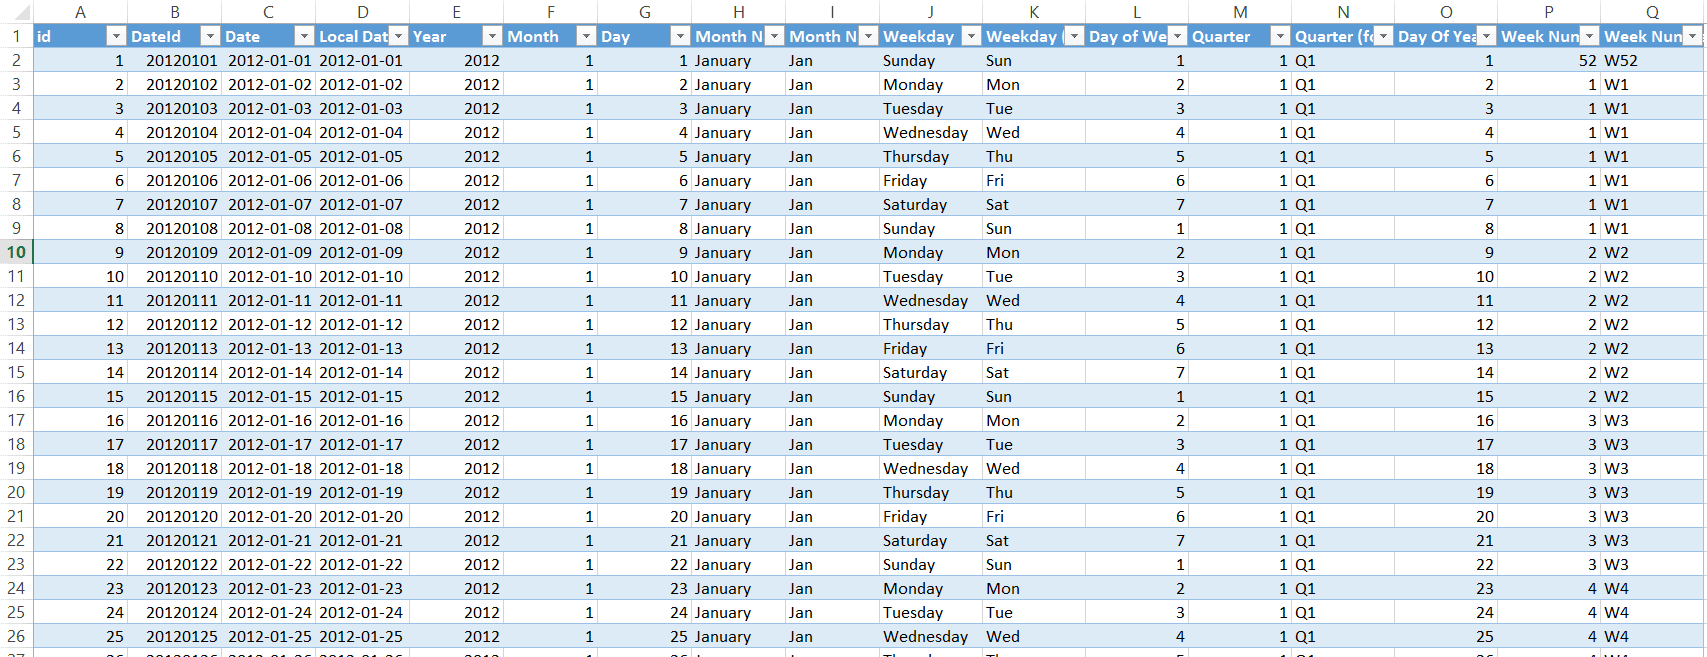 Table de dimension de dates